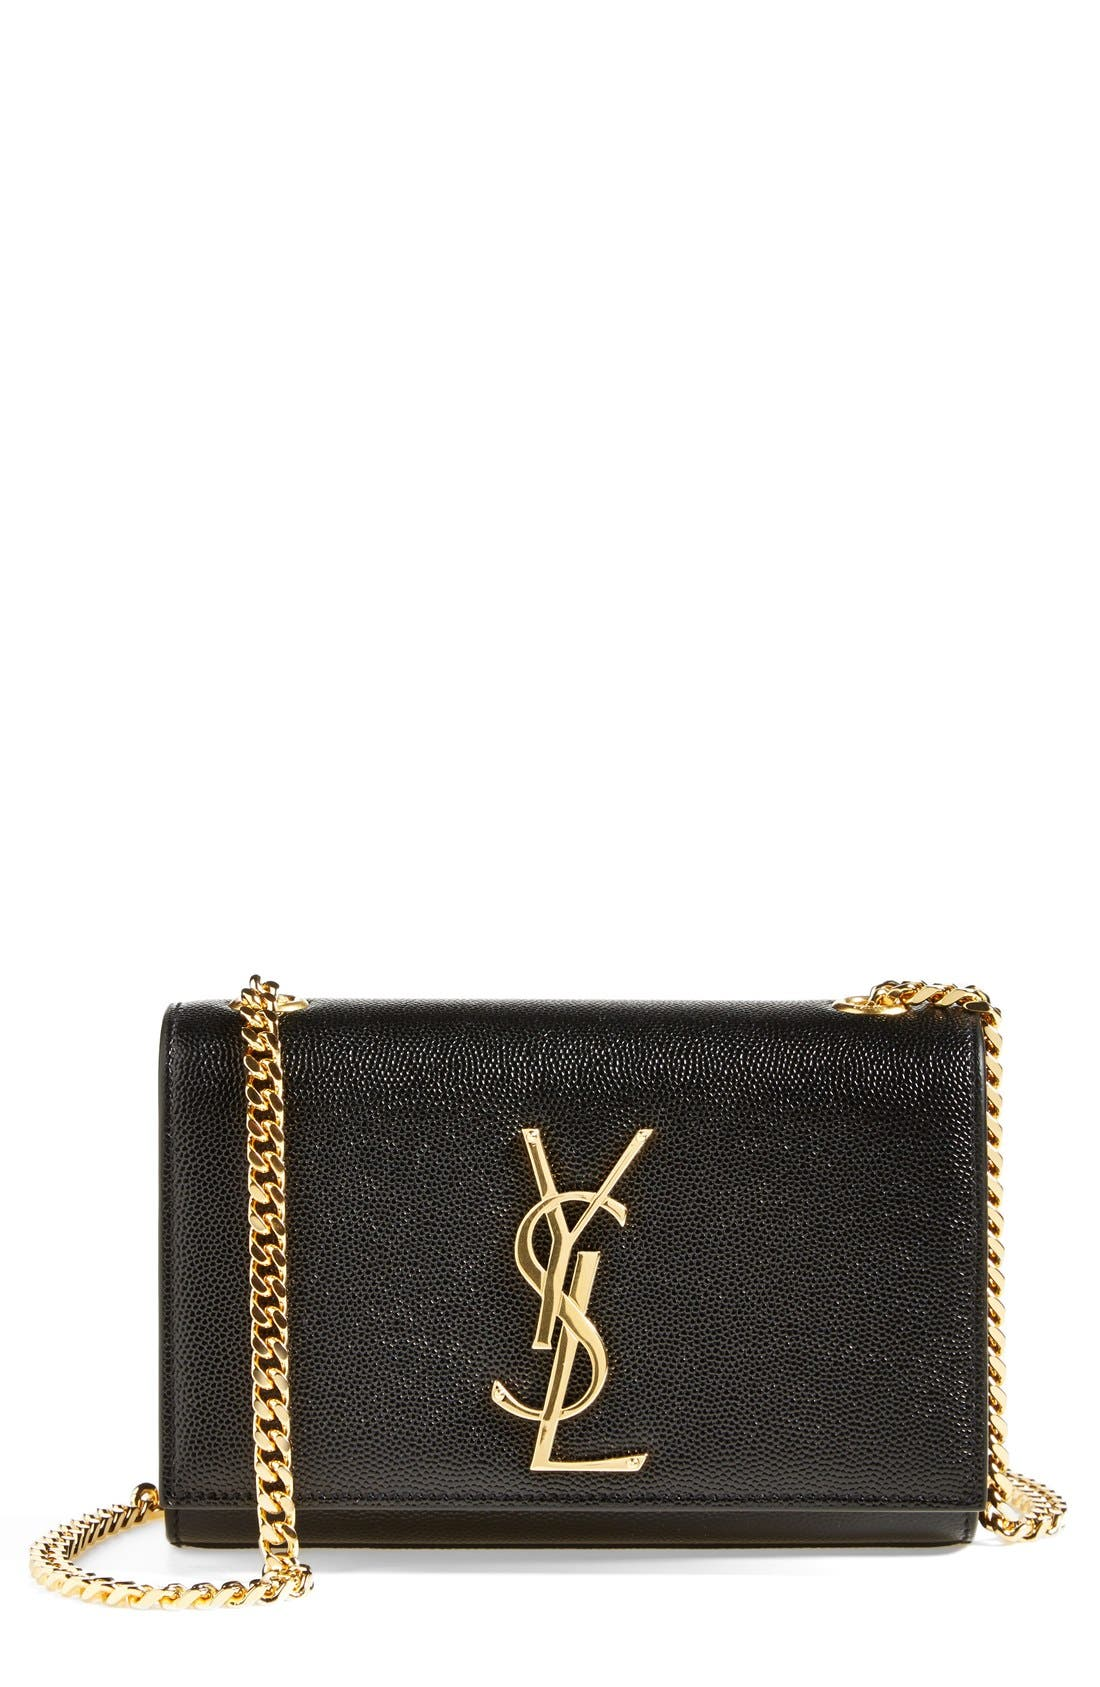 Saint Laurent Women s Handbags   Purses  f49acc74daf86